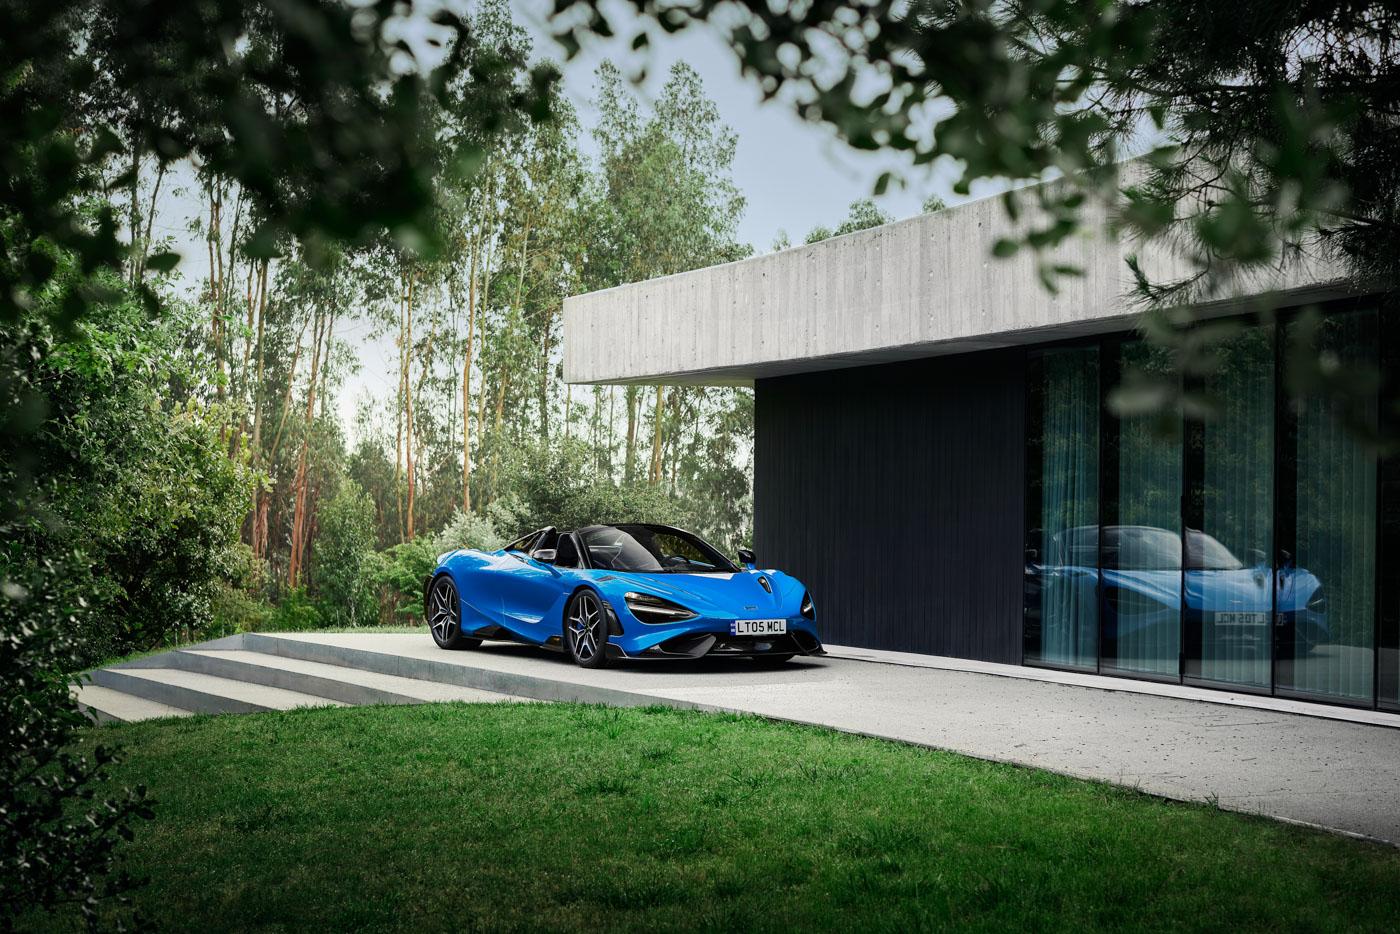 McLaren-765-LT-Spider-siêu-xe-mui-trần-hiệu-năng-cao-dẫn-đầu-phân-khúc-1.jpg